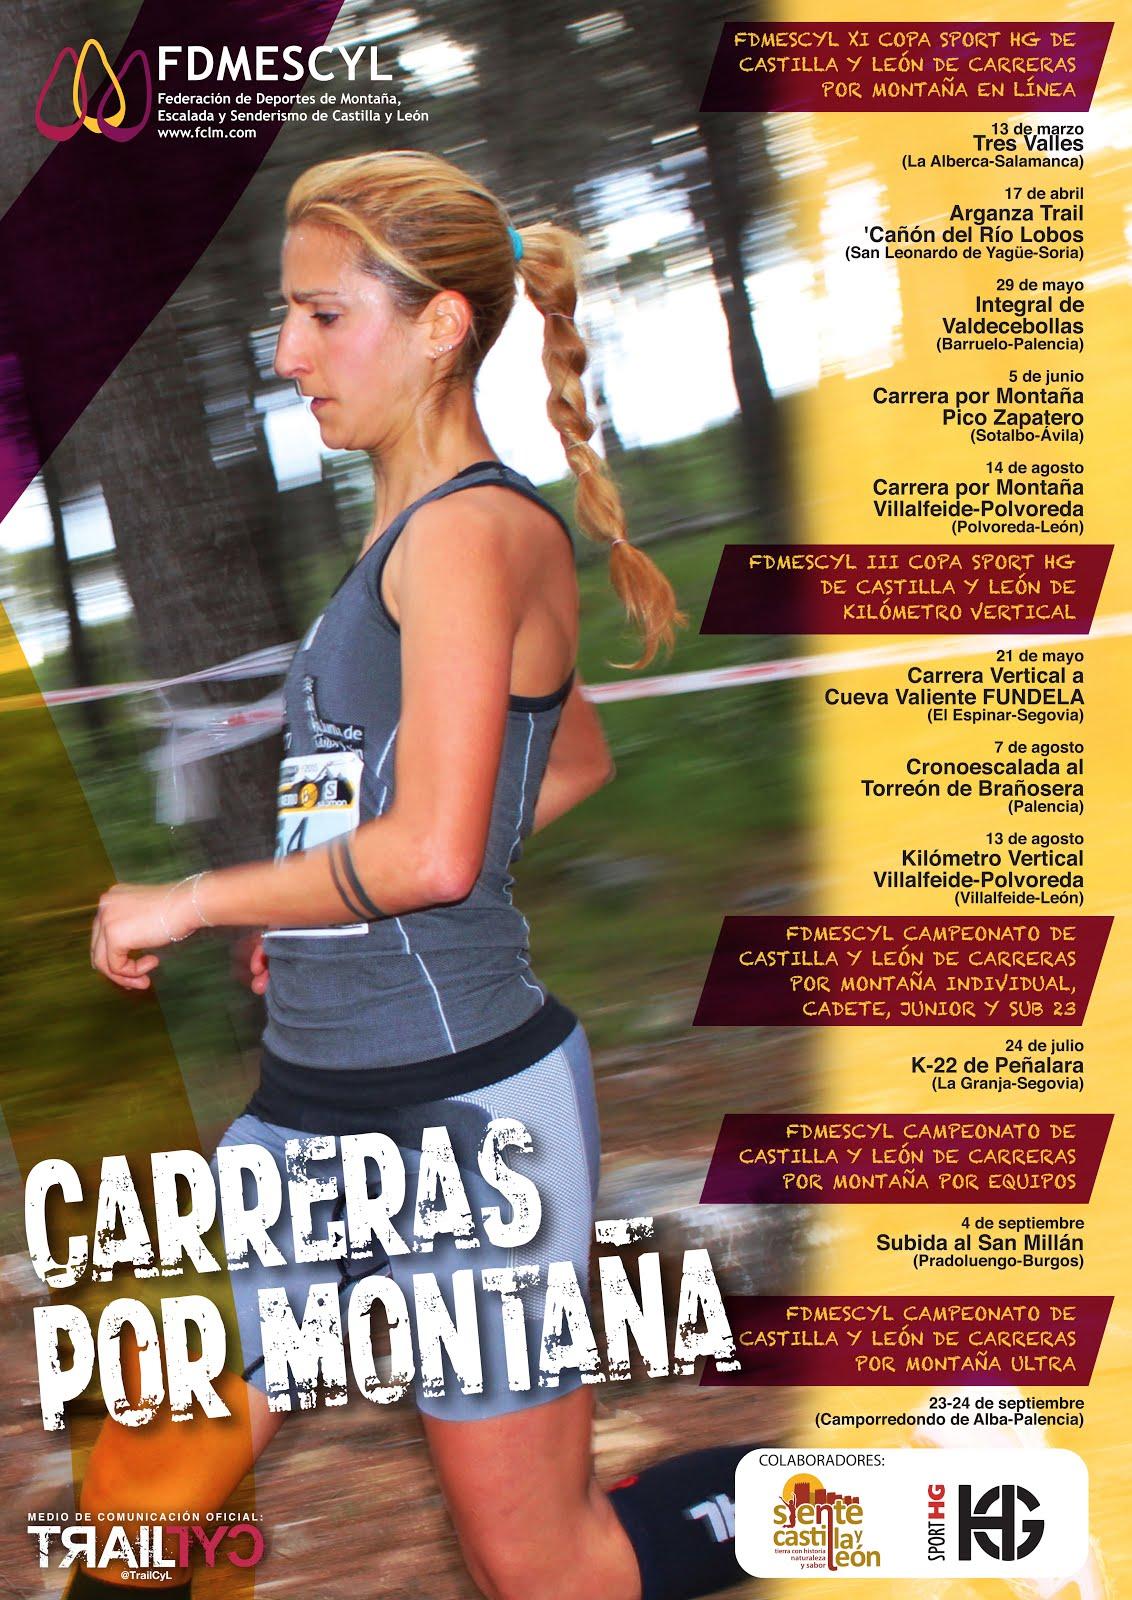 Cartel de la XI Copa Sport HG de Carreras por Montaña 2015. /FDMESCYL